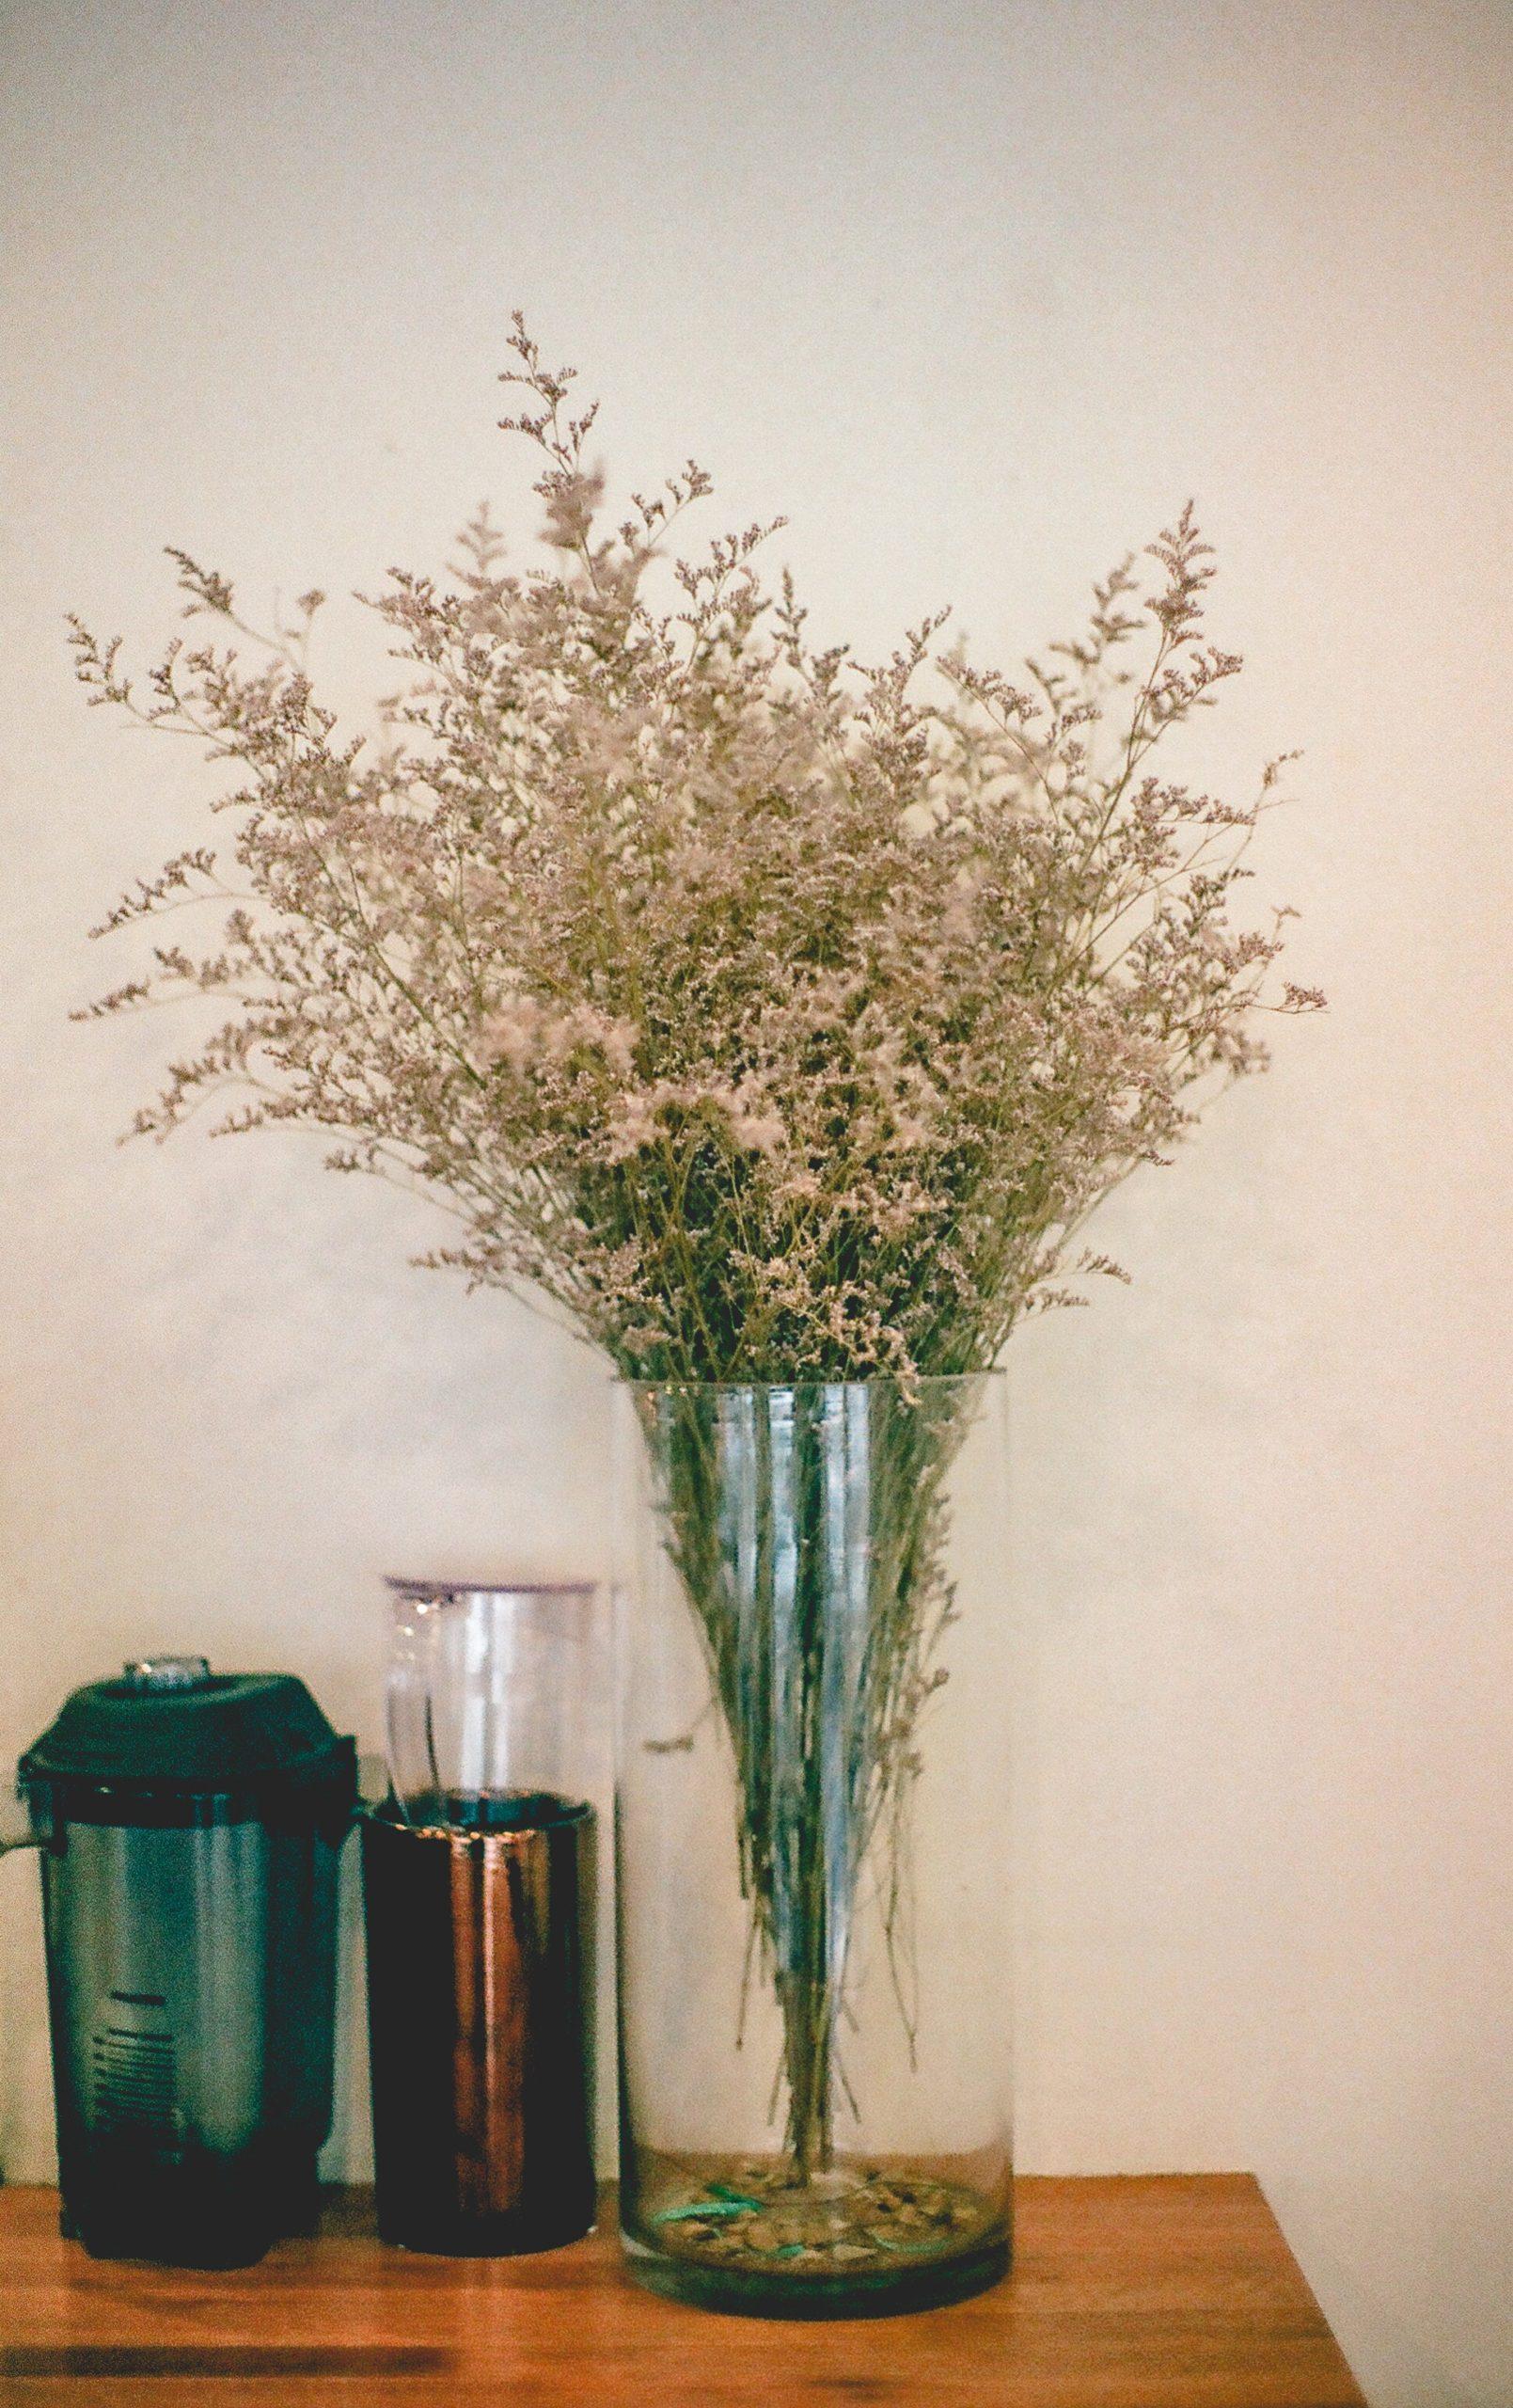 Les fleurs séchées sont un excellent moyen de garder un peu de nature chez soi.